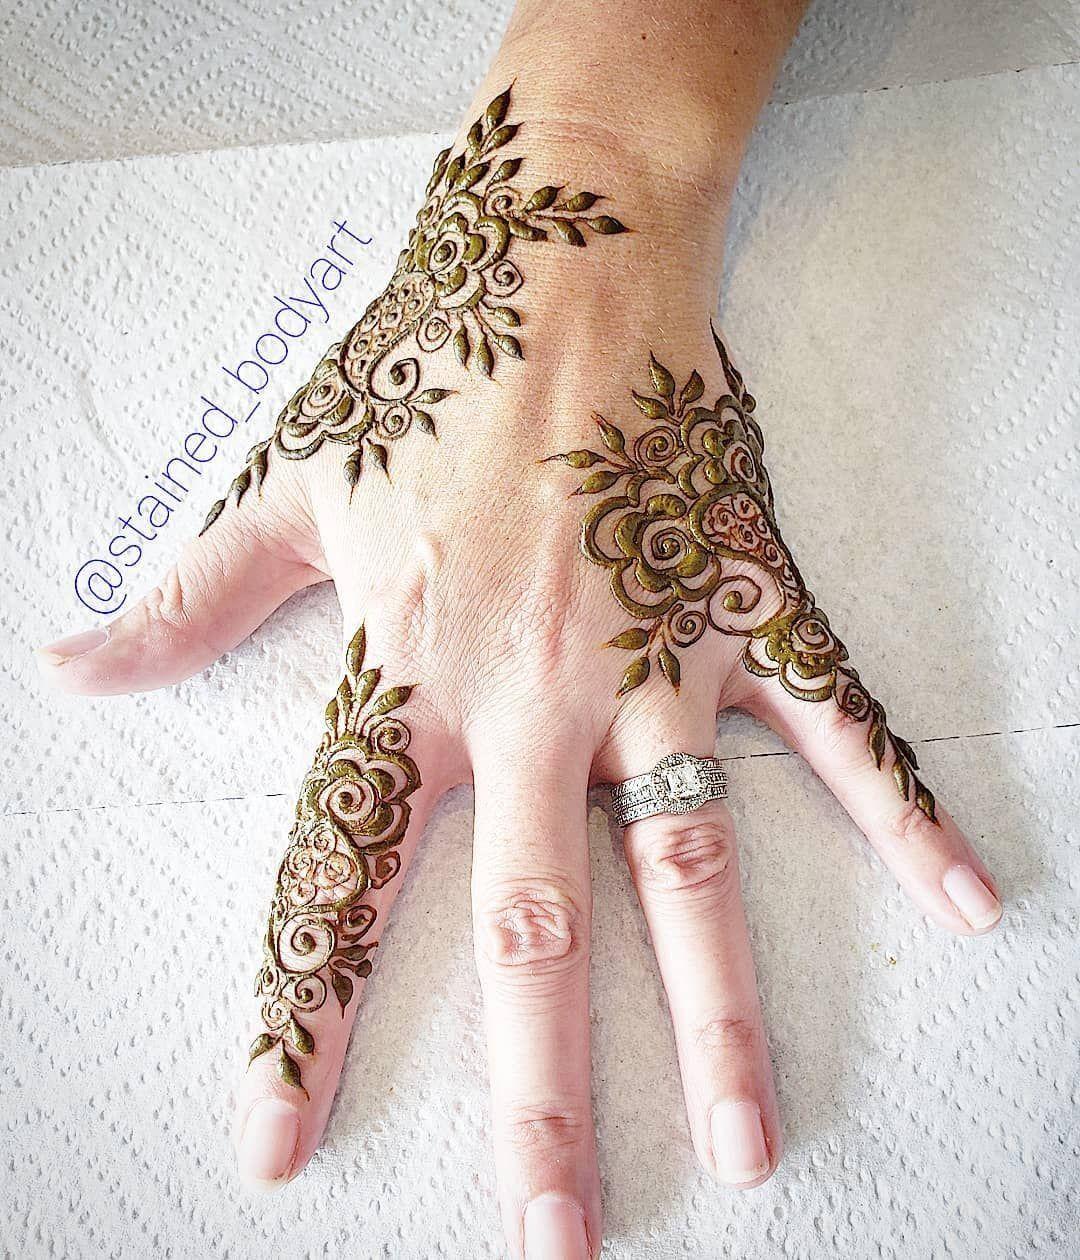 صور نقش الحناء Henna Tattoo Designs Simple Latest Mehndi Designs Mehndi Designs For Fingers